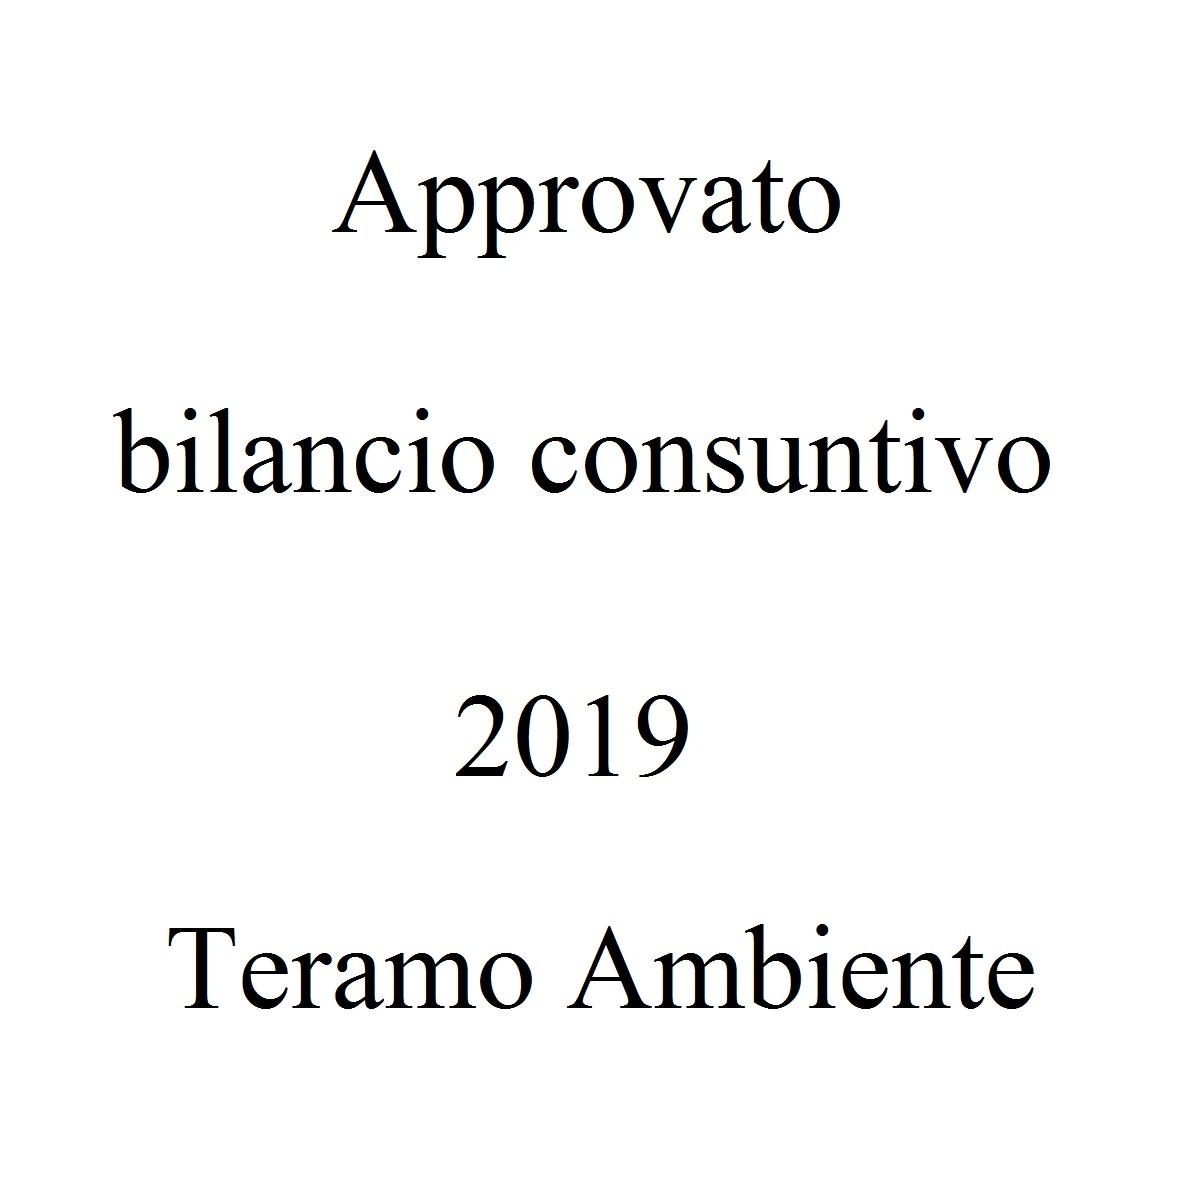 Approvato bilancio consuntivo 2019 Teramo Ambiente foto